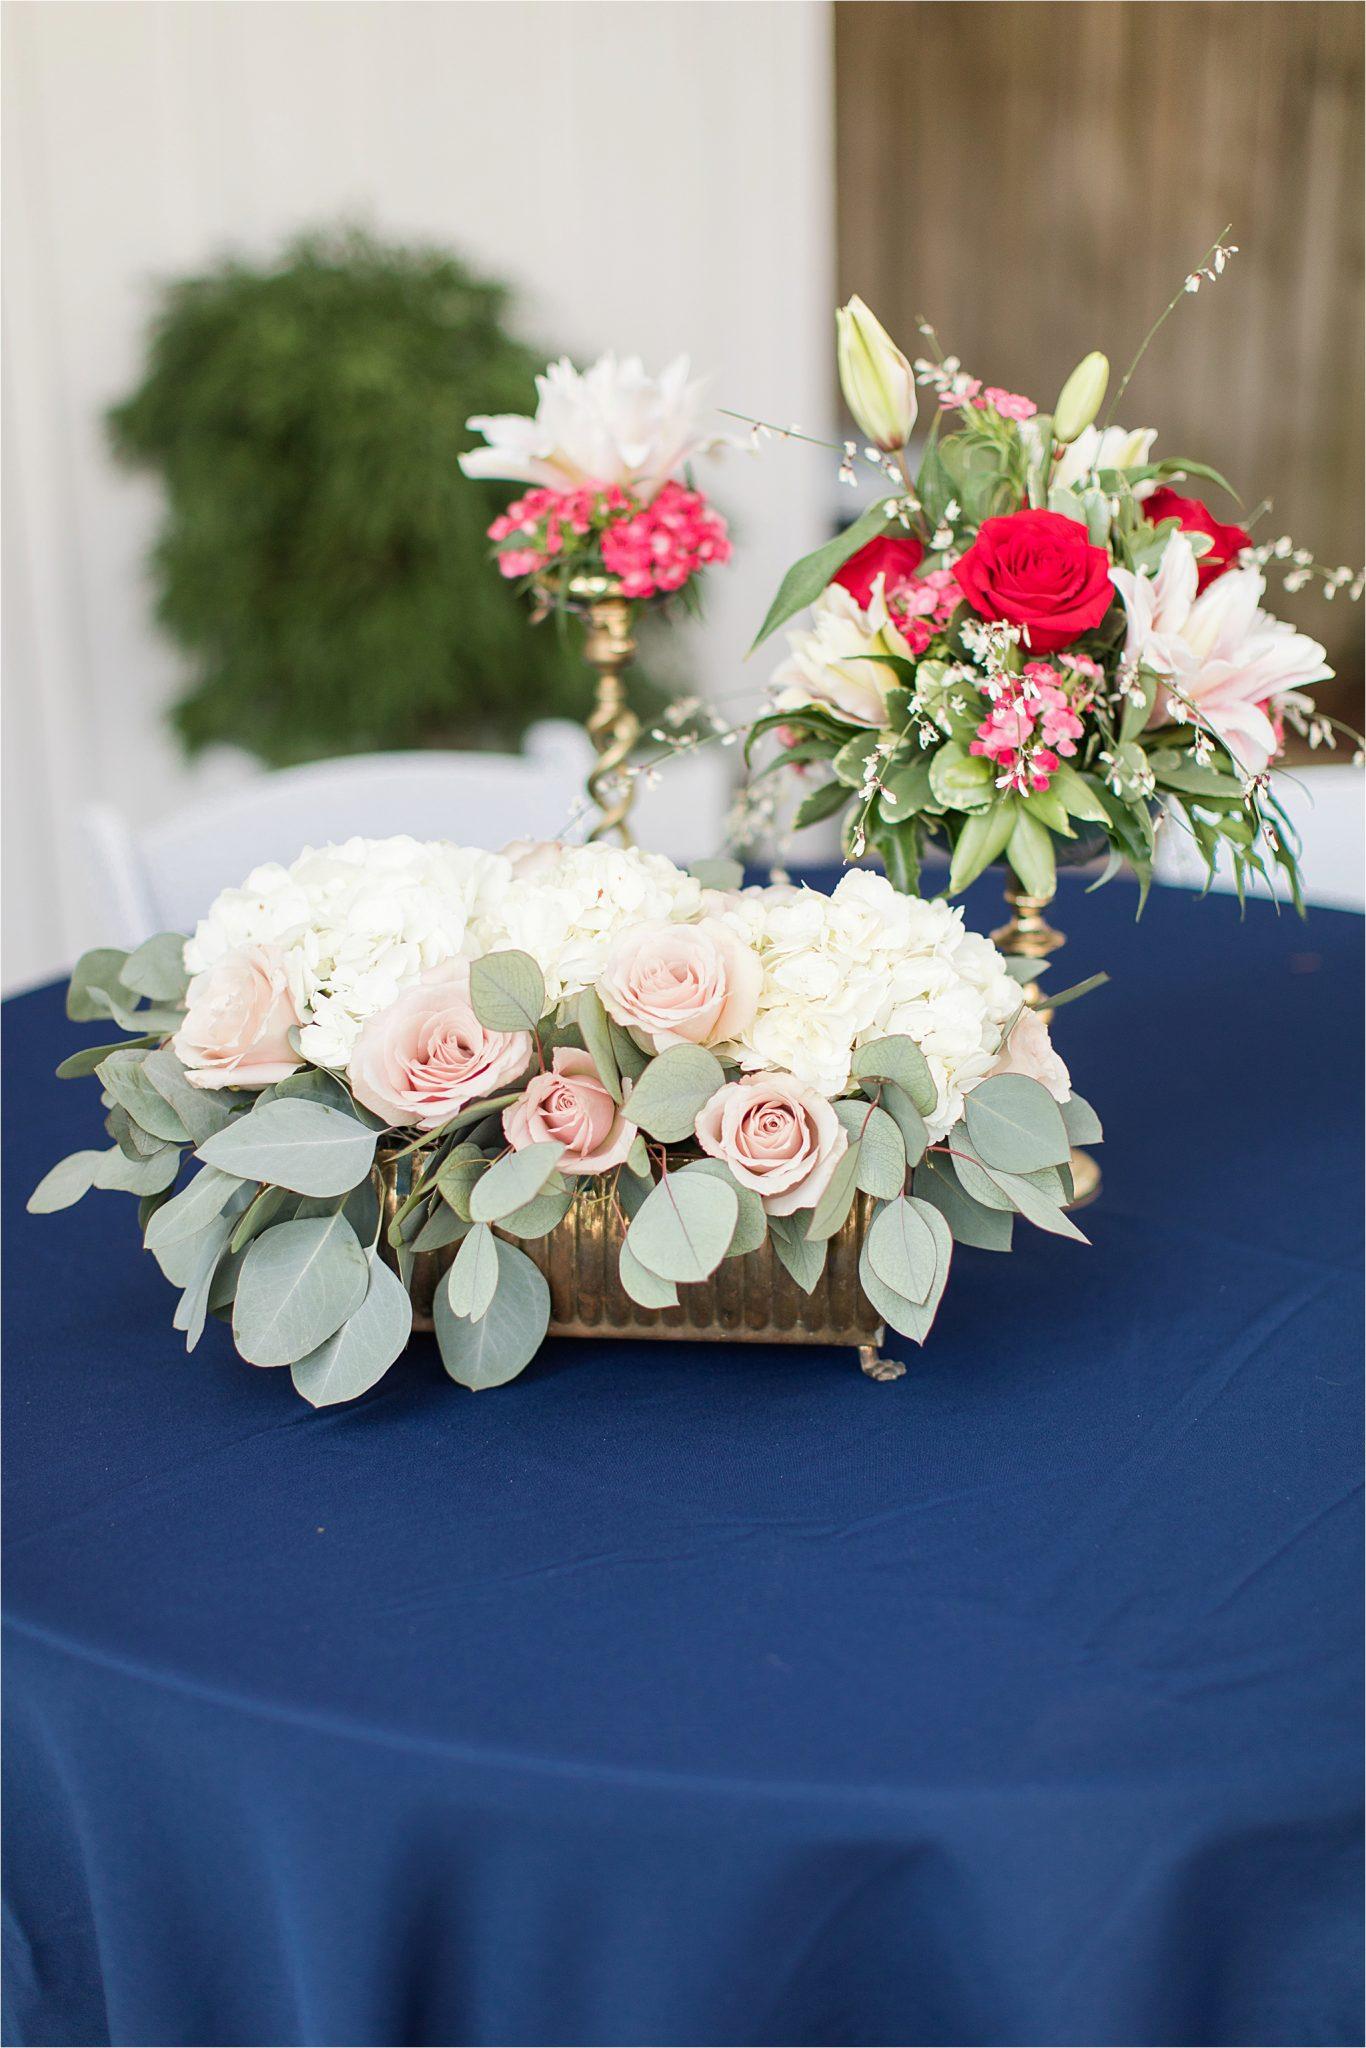 Alabama Wedding Photographer-Little Point Clear Winter Wedding-Meri Beth + Andrew-Wedding florals-Wedding details-Wedding centerpieces